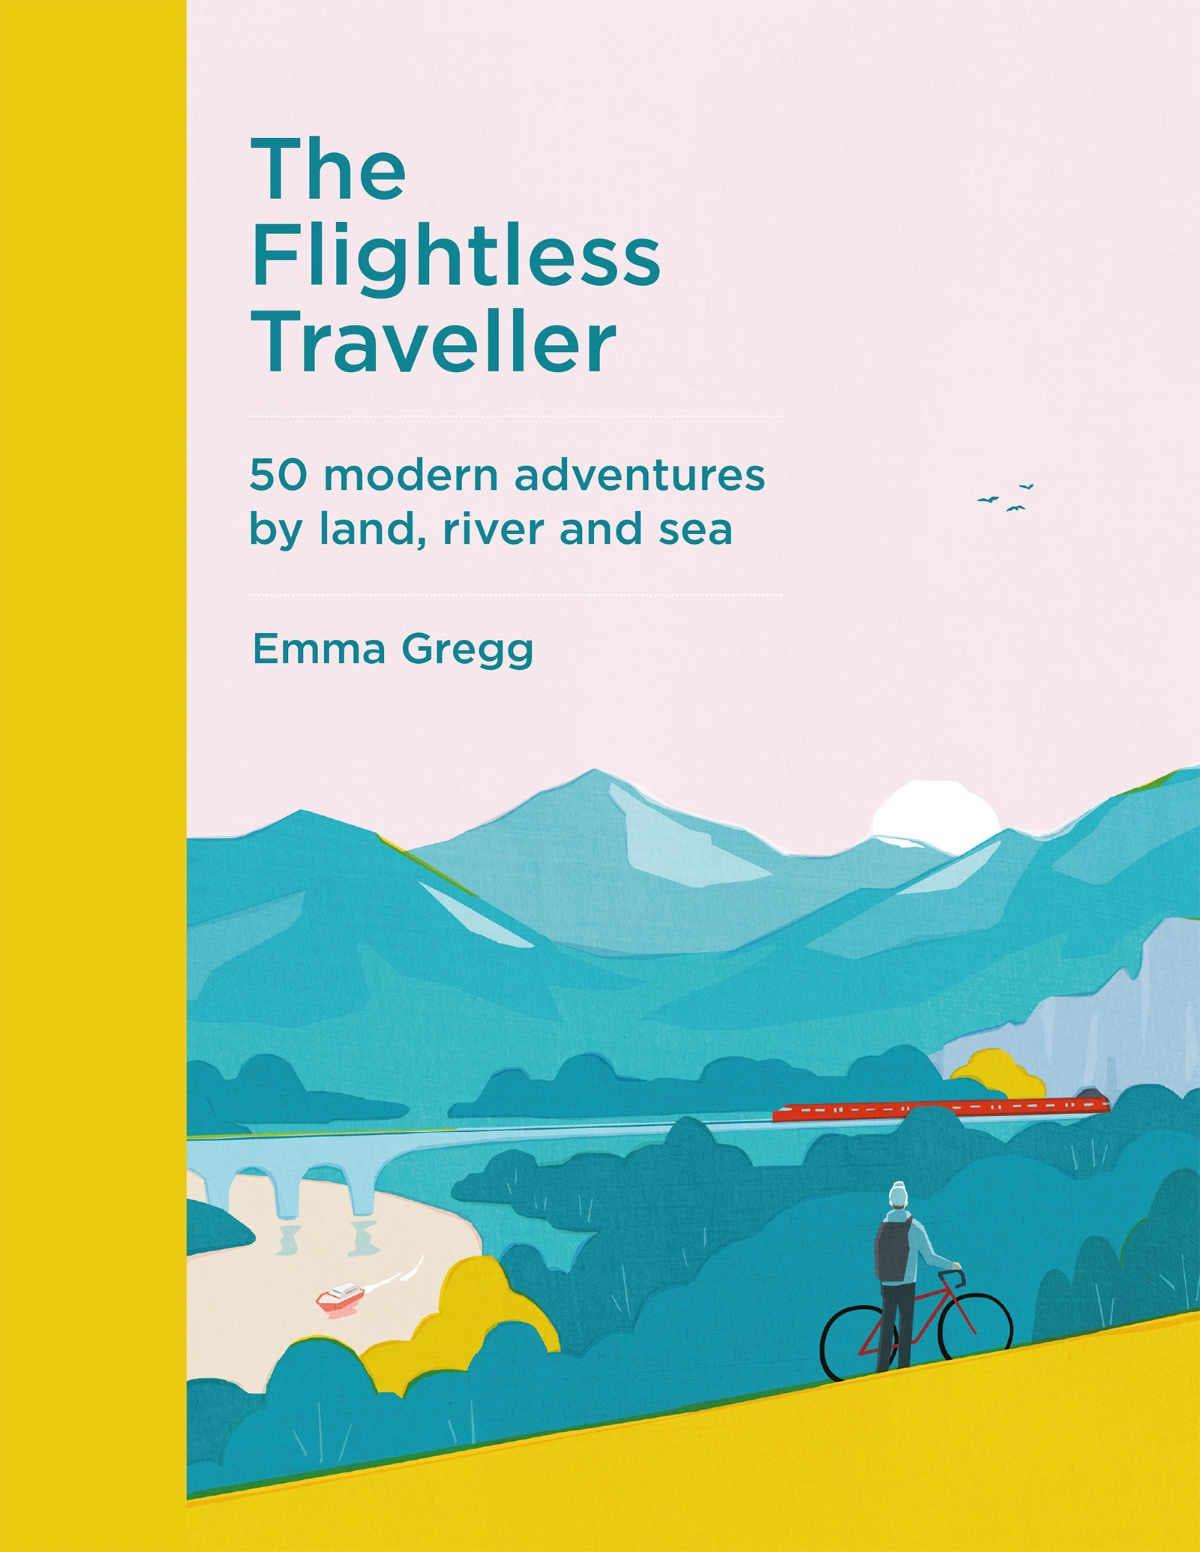 Flightless traveler book cover